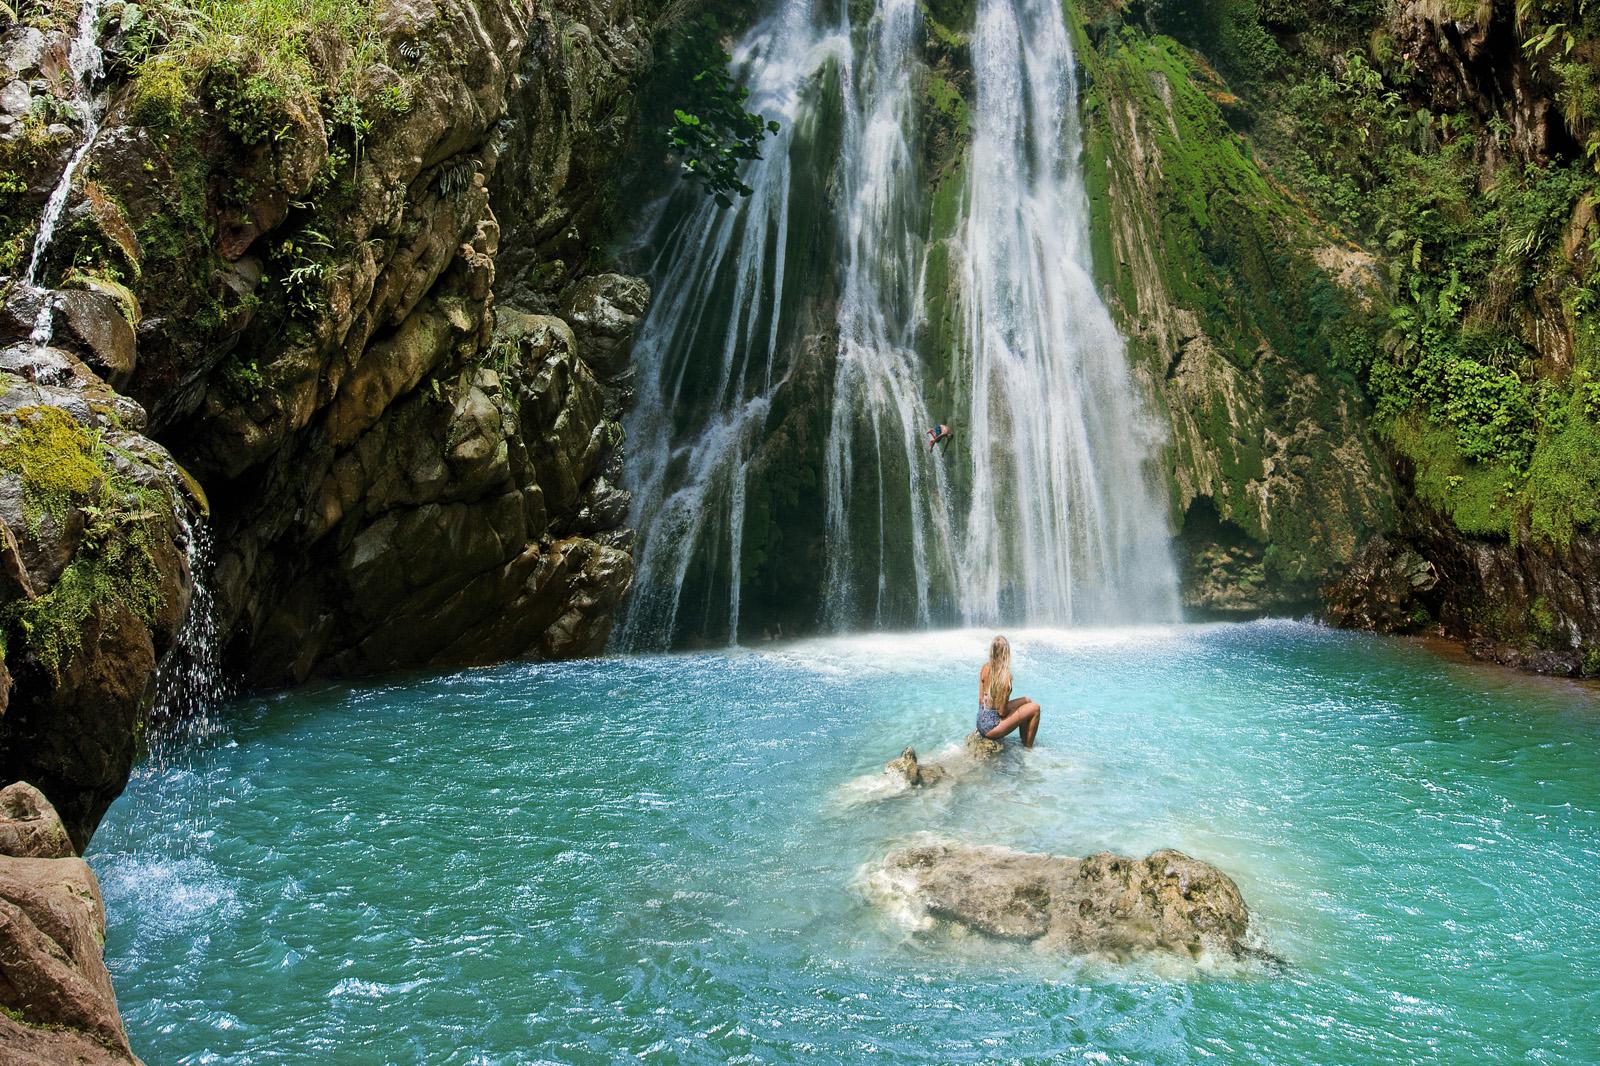 Dominikanische Republik - Salto El Limón